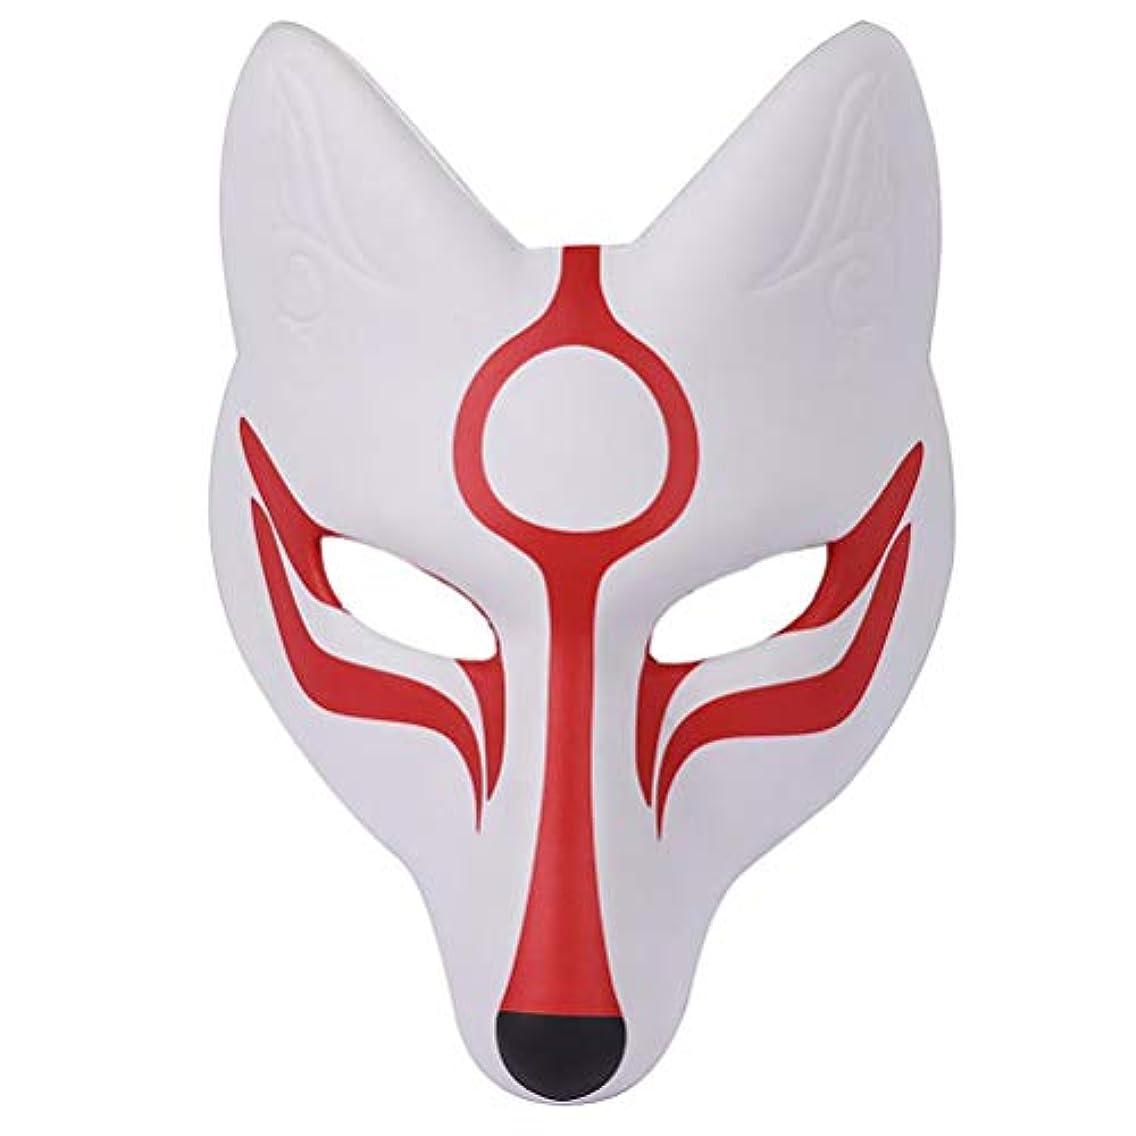 パラナ川小人発言するAMOSFUN フォックスマスク日本歌舞伎きつねマスク用男性女性子供ハロウィーン仮装衣装プロップ